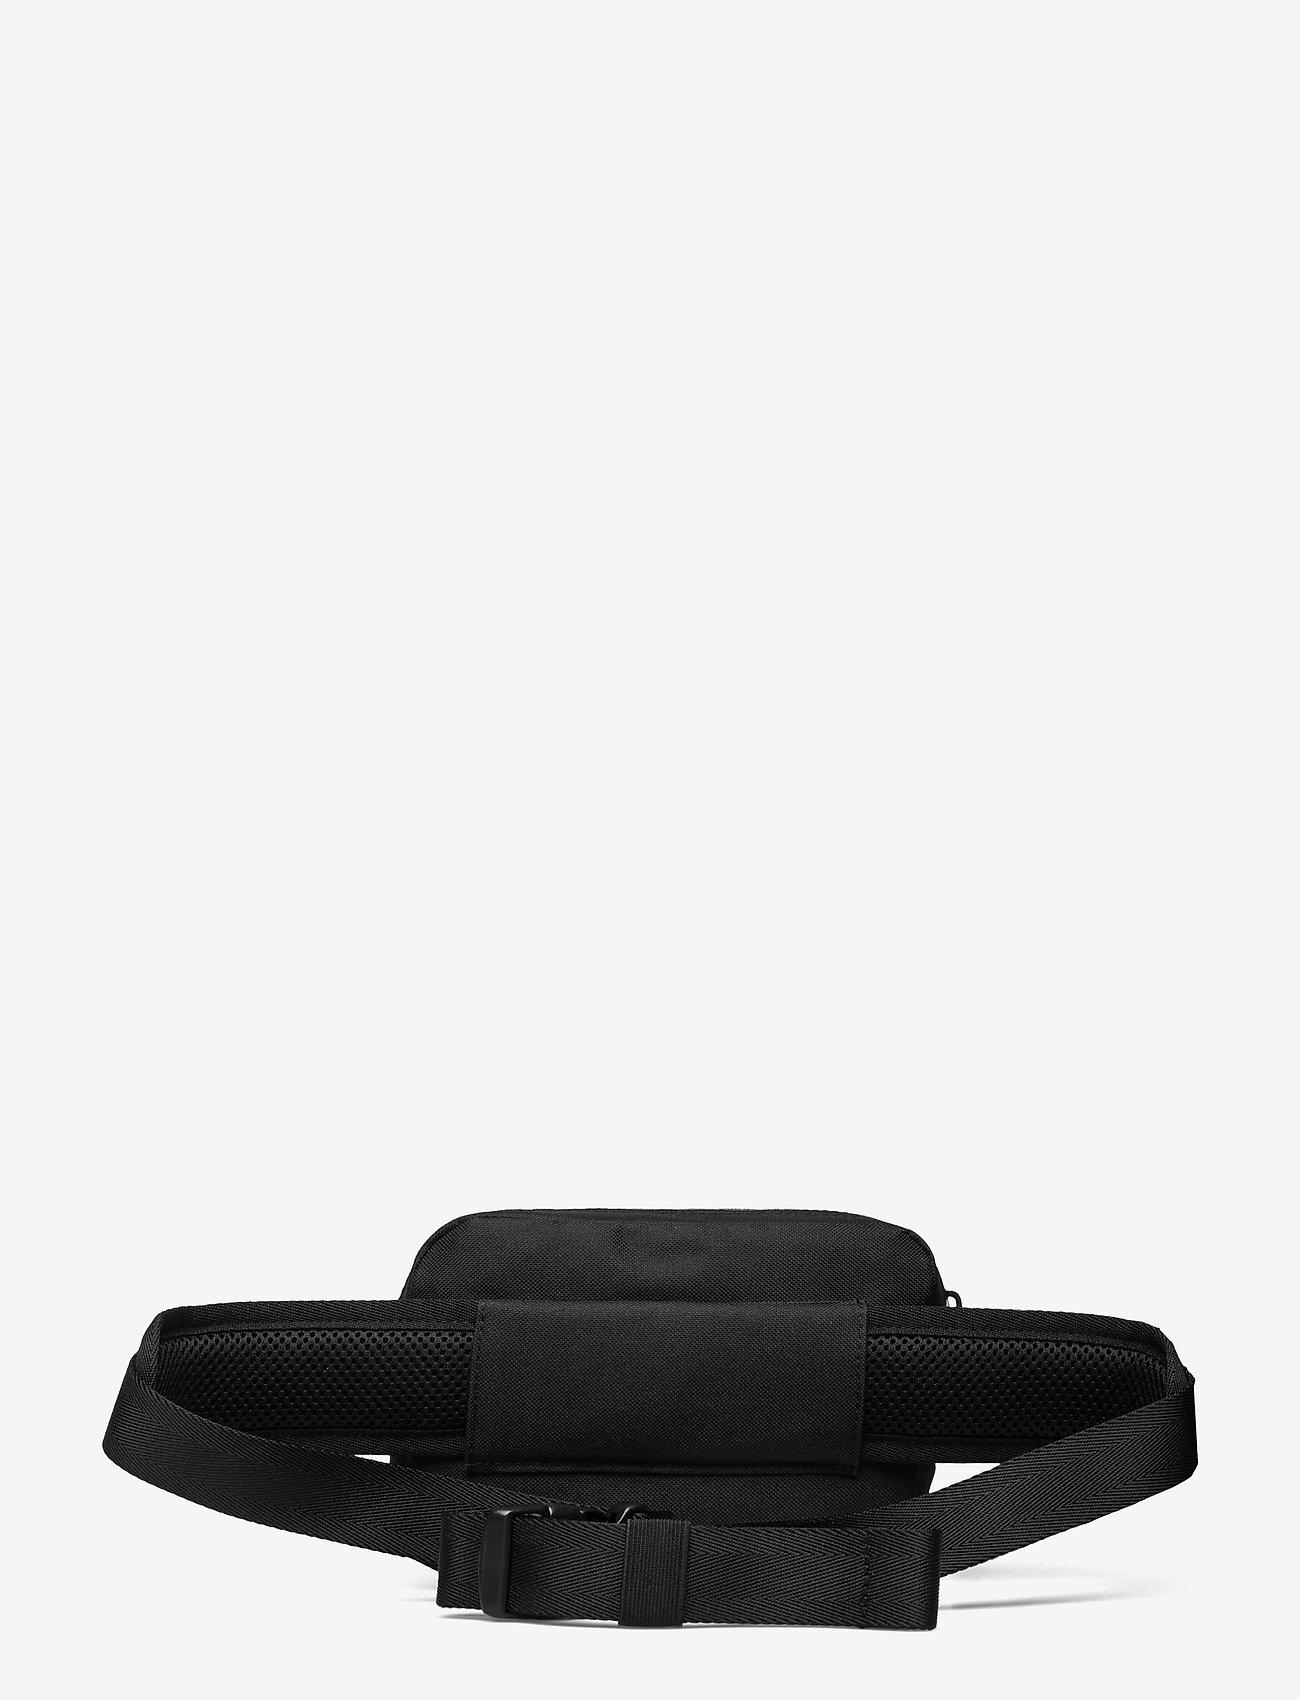 Calvin Klein - MONOGRAM BADGE WAISTBAG - tragetaschen & kleine taschen - ck black - 1